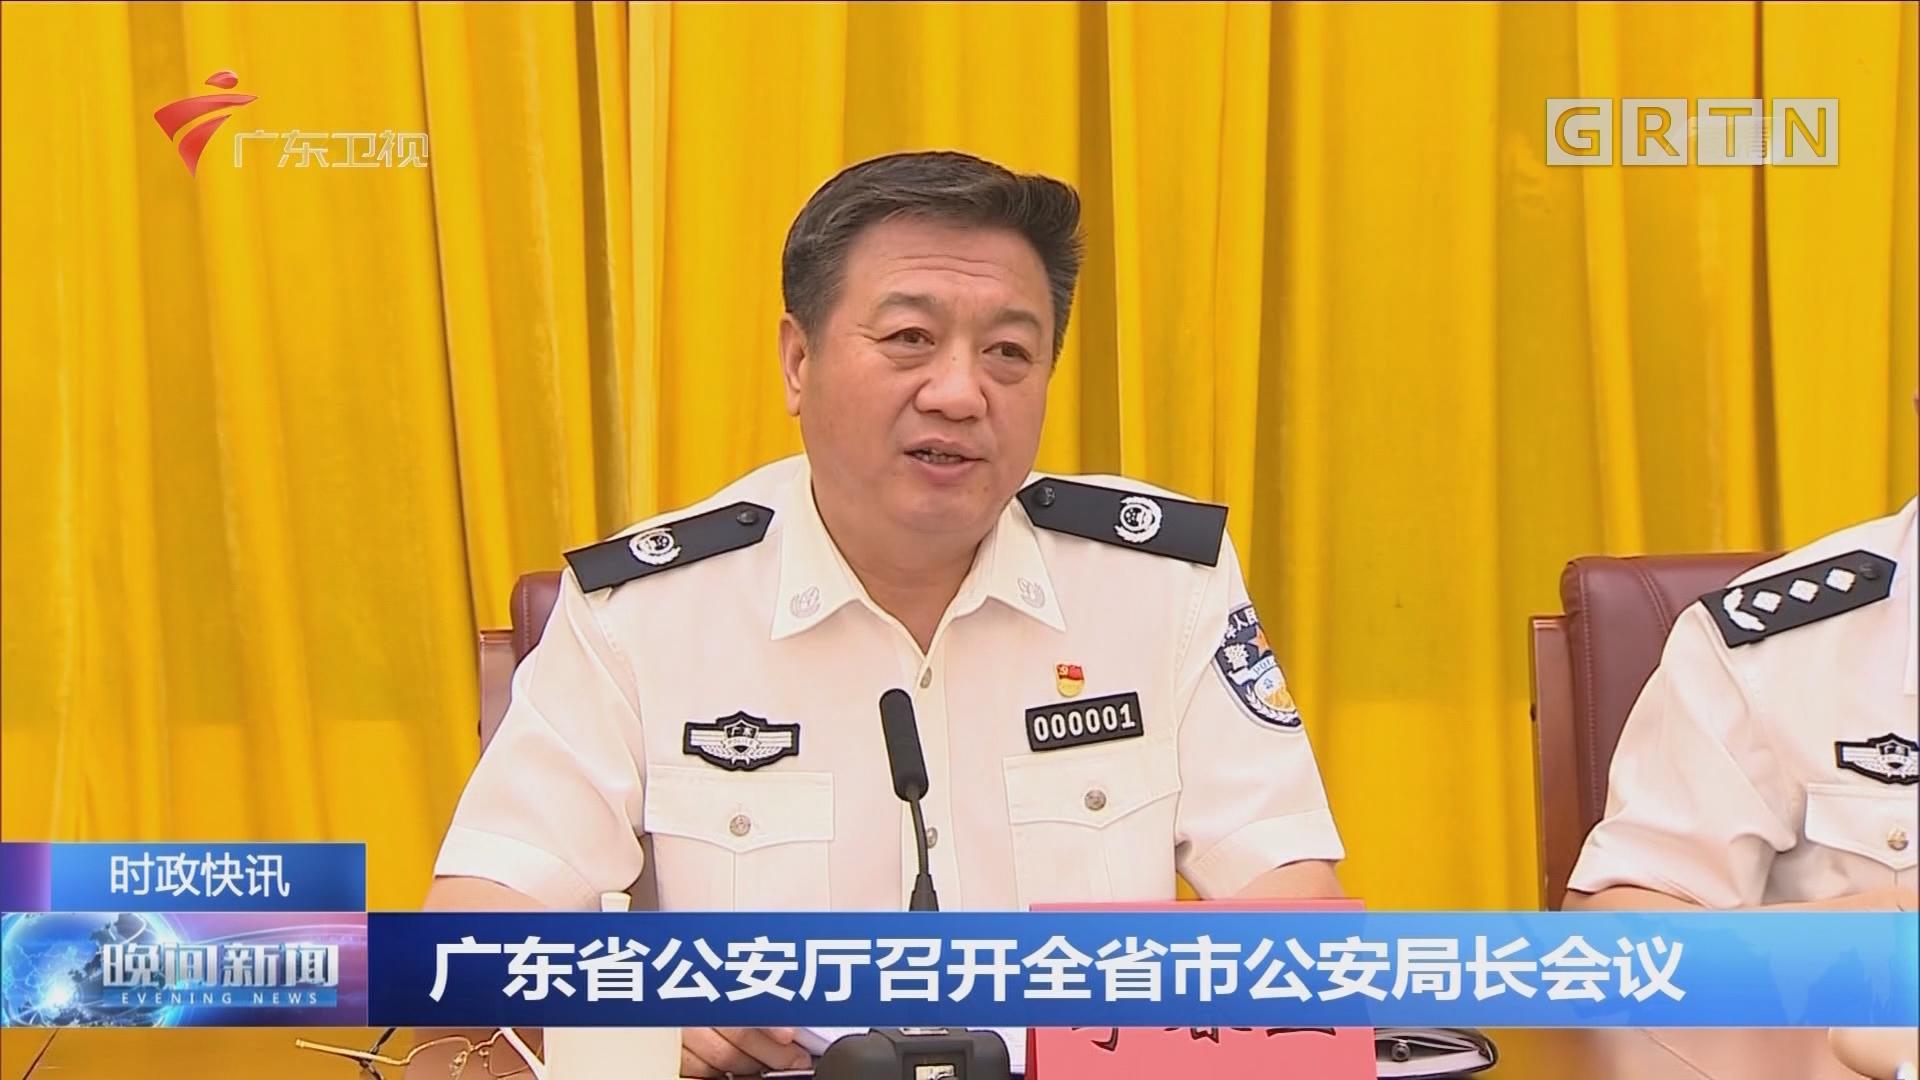 广东省公安厅召开全省市公安局长会议